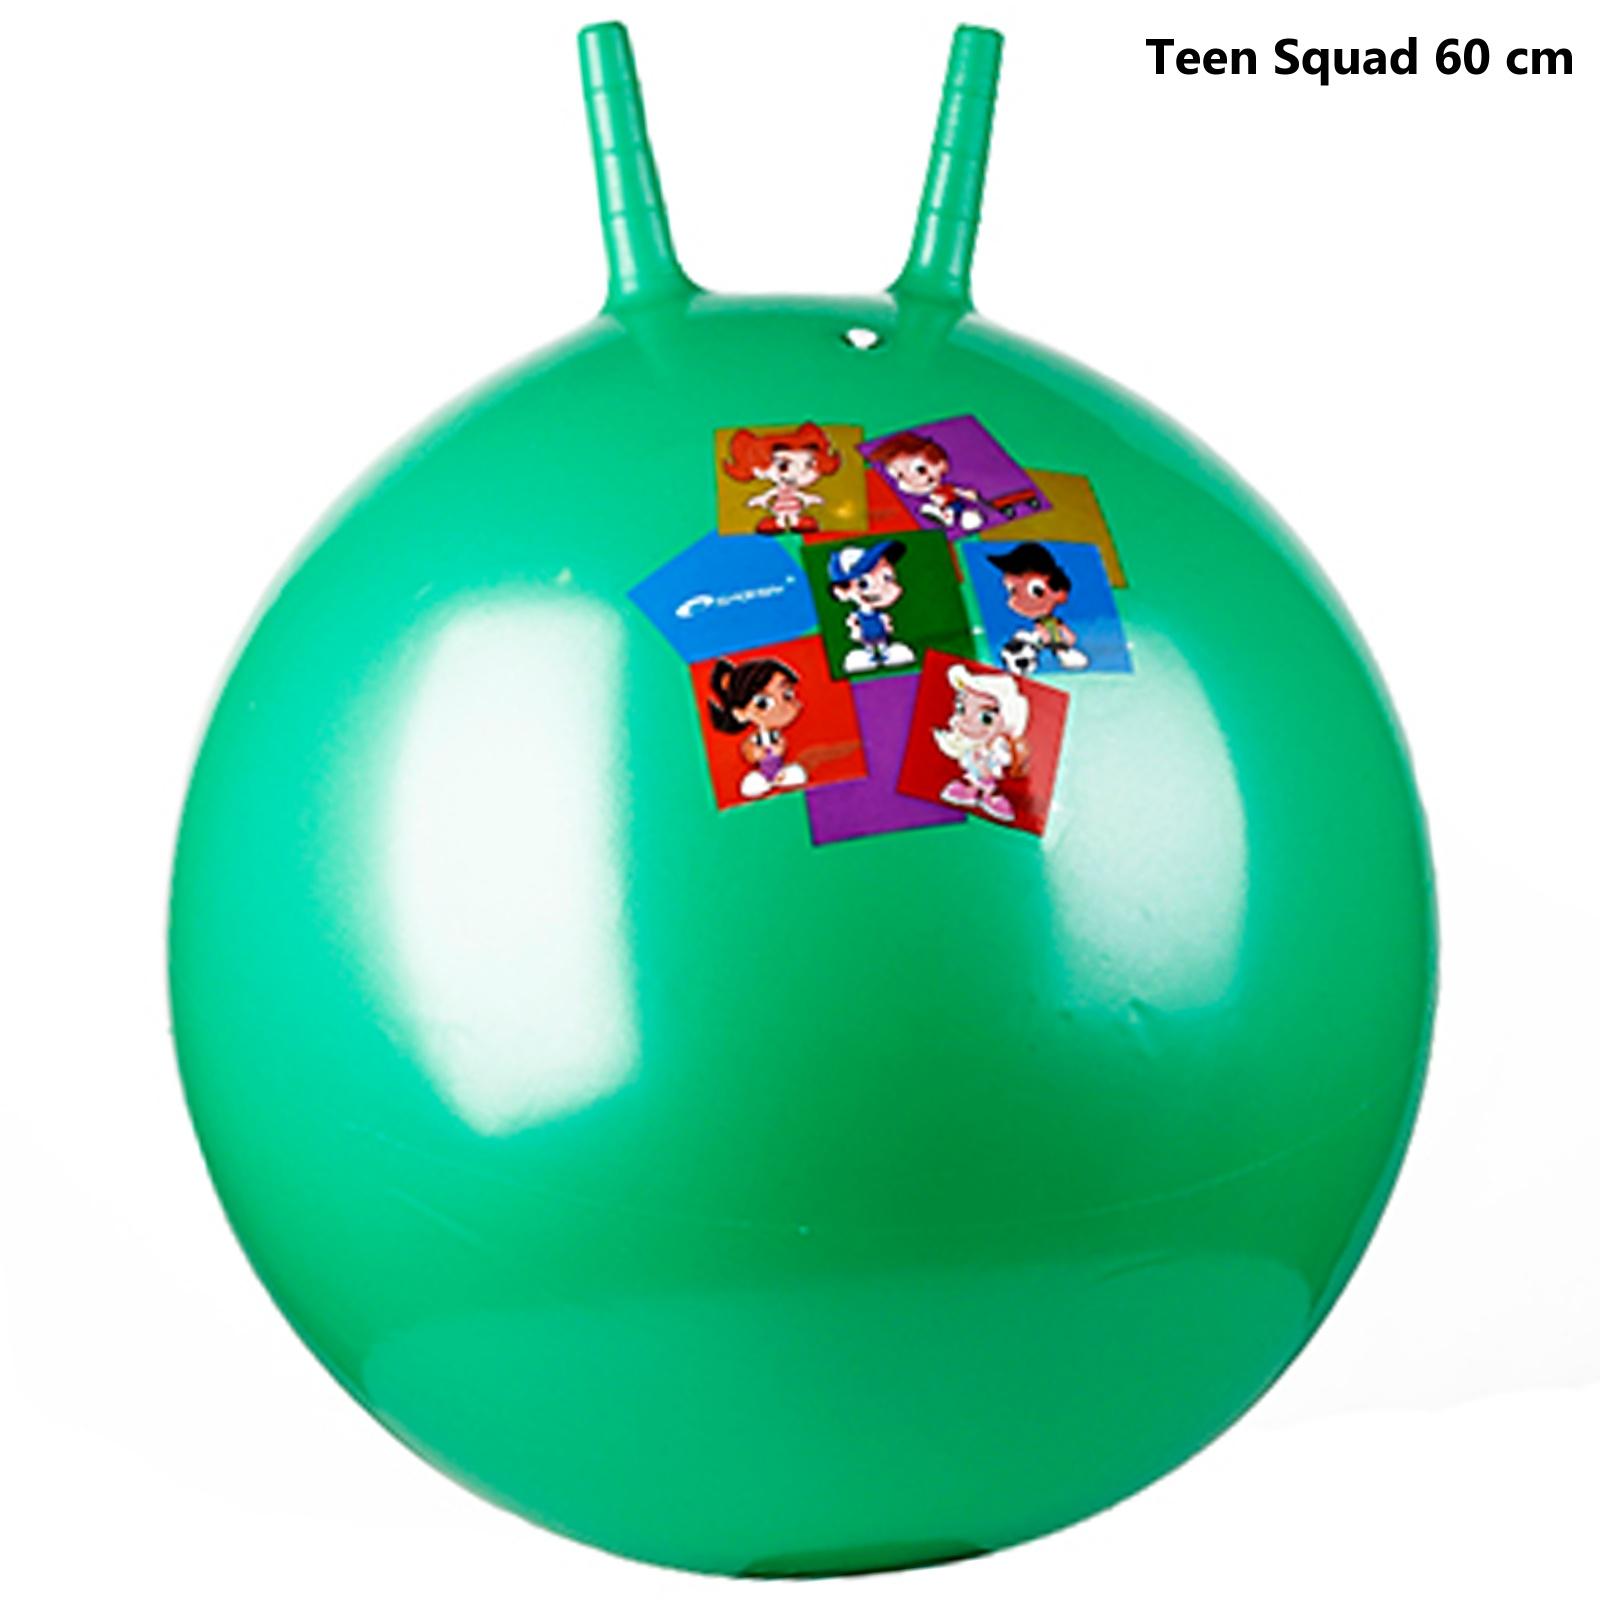 Skákací míč SPOKEY 60 cm Teen Squad